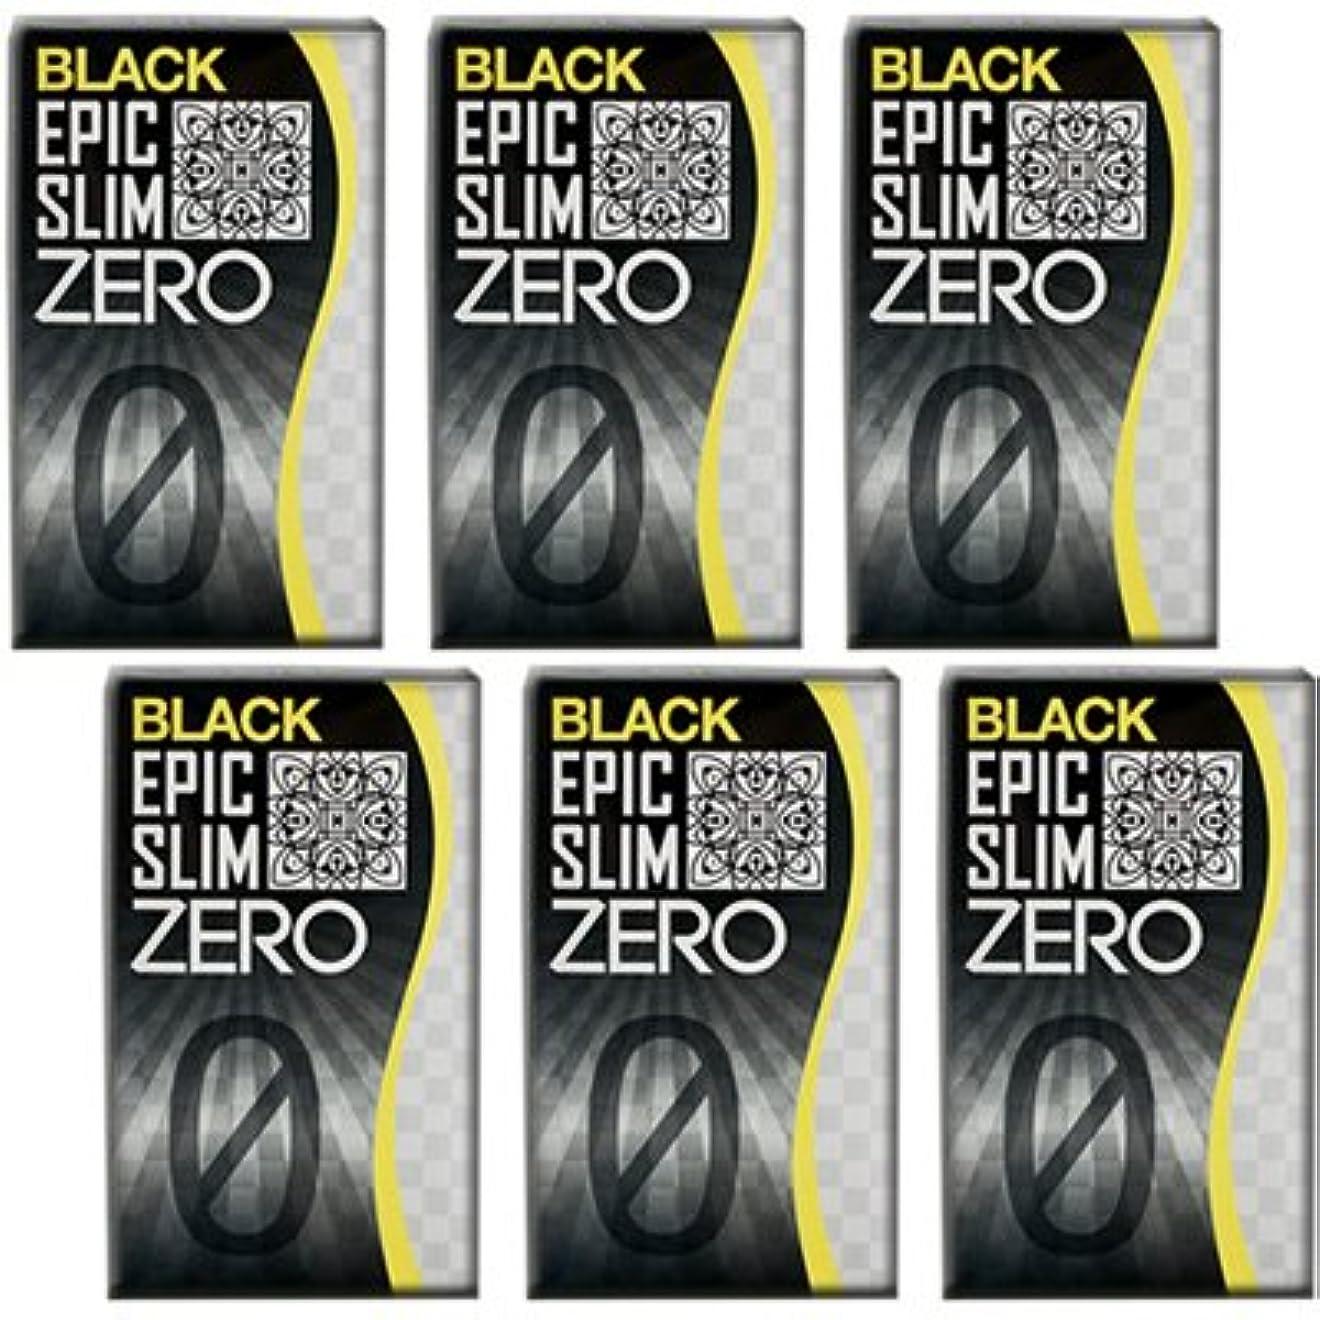 ピースプロテスタントスプーンブラック エピックスリム ゼロ ブラック 6個セット!  Epic Slim ZERO BLACK ×6個